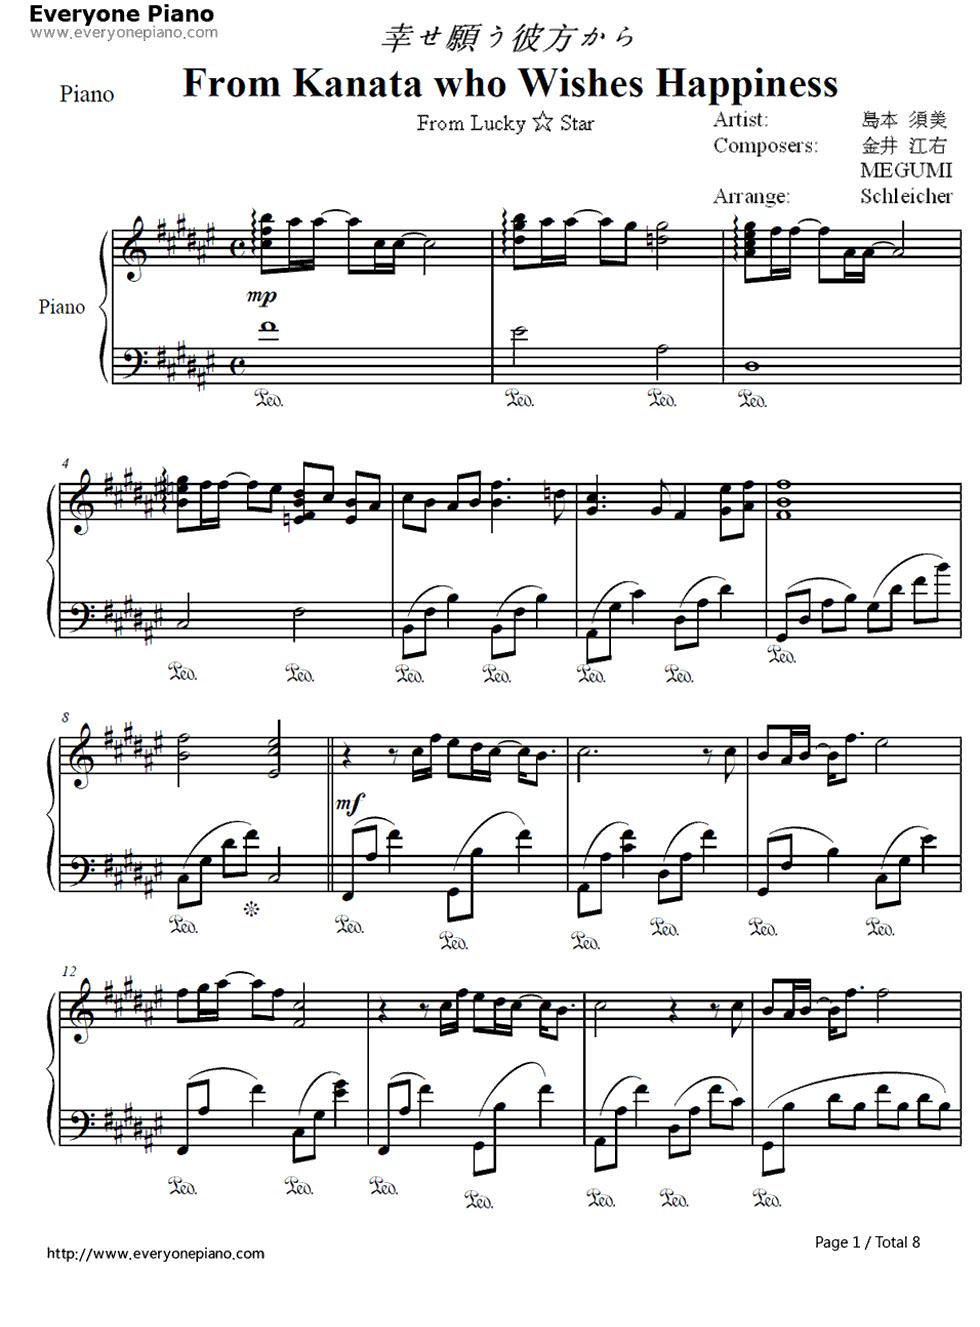 钢琴曲谱 动漫 幸せ愿う彼方から-幸运☆星角色歌 幸せ愿う彼方から